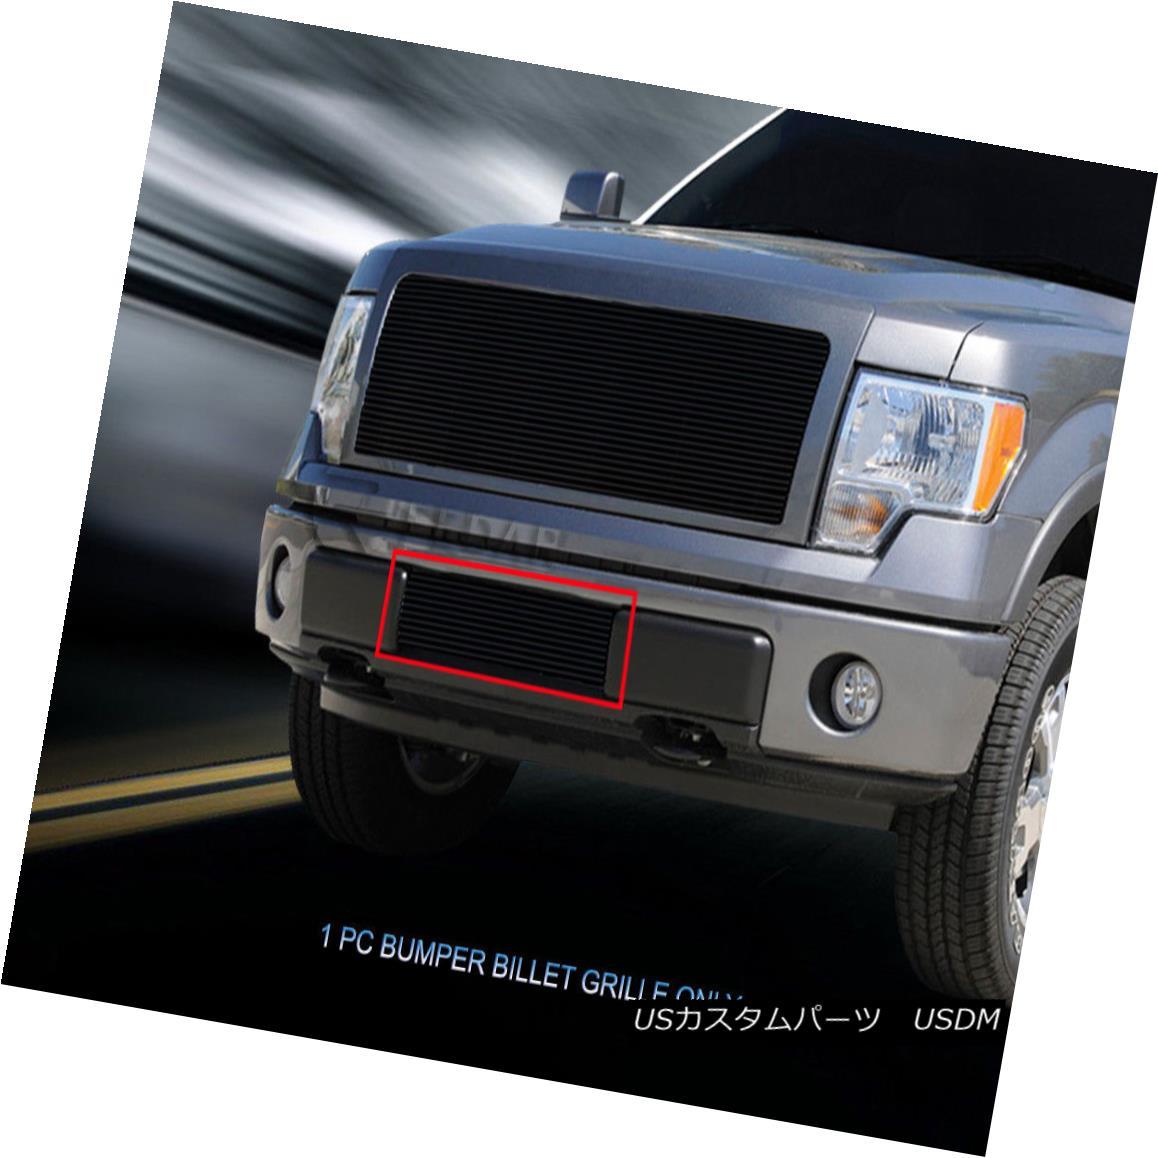 グリル Fedar Fits 2009-2014 Ford F-150 Black Main Upper Billet Grille Fedar 2009-2014 Ford F-150 Blackメインアッパービレットグリル